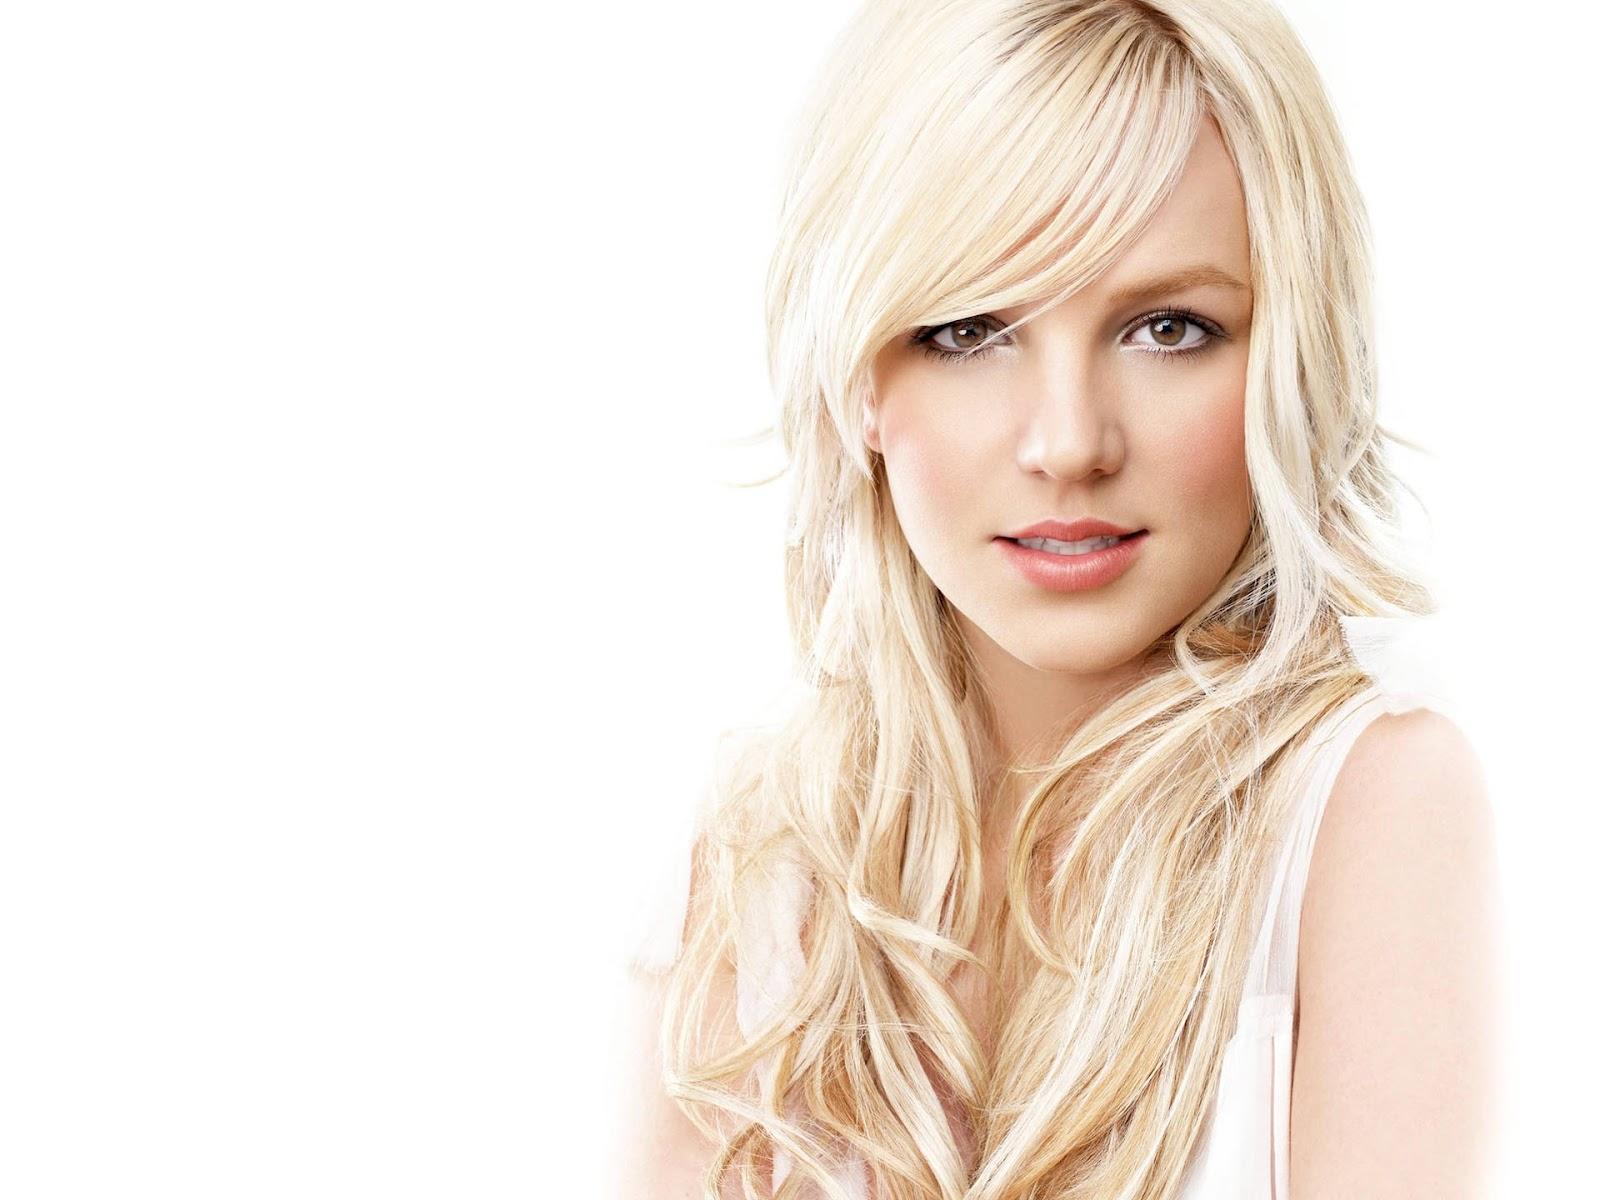 http://3.bp.blogspot.com/-x5lFN0L4b_E/Tz5wcnJUq1I/AAAAAAAACSI/iu43UVNdbSg/s1600/Britney+Spears+Hot+%285%29.jpg